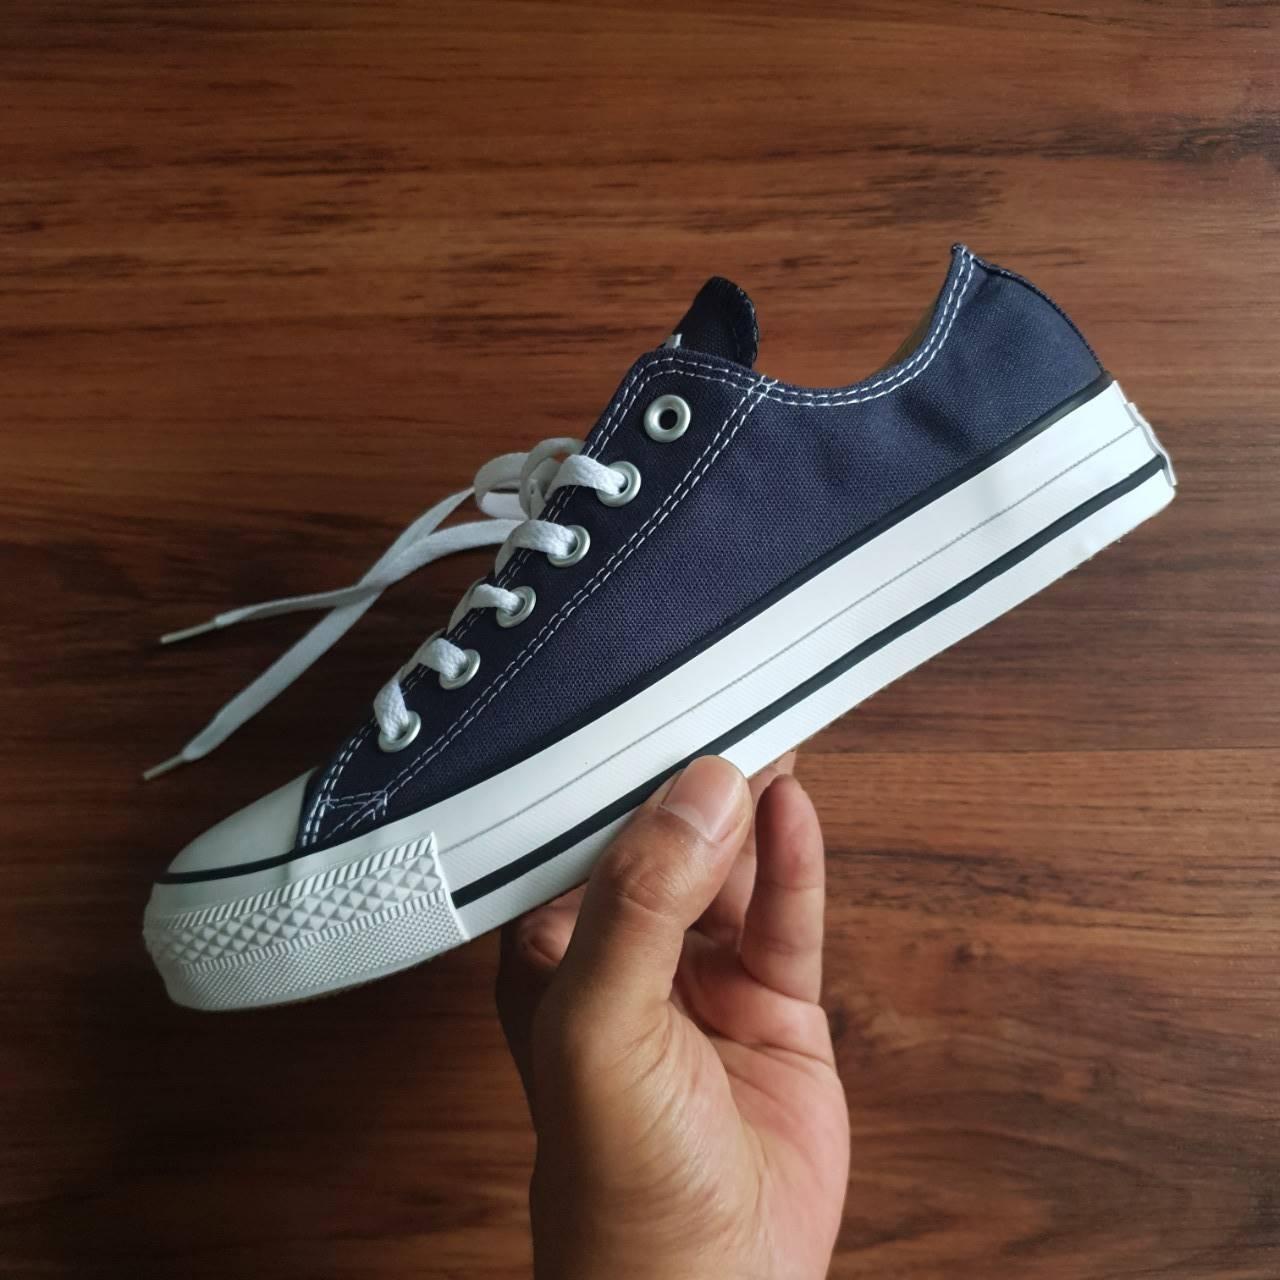 ... Sneaker Pria M7650C Spek Harga. Source · Detail Gambar Sepatu Convers  Chuck Taylor Allstar Low Navy White Premium Terbaru 2c26f0c596